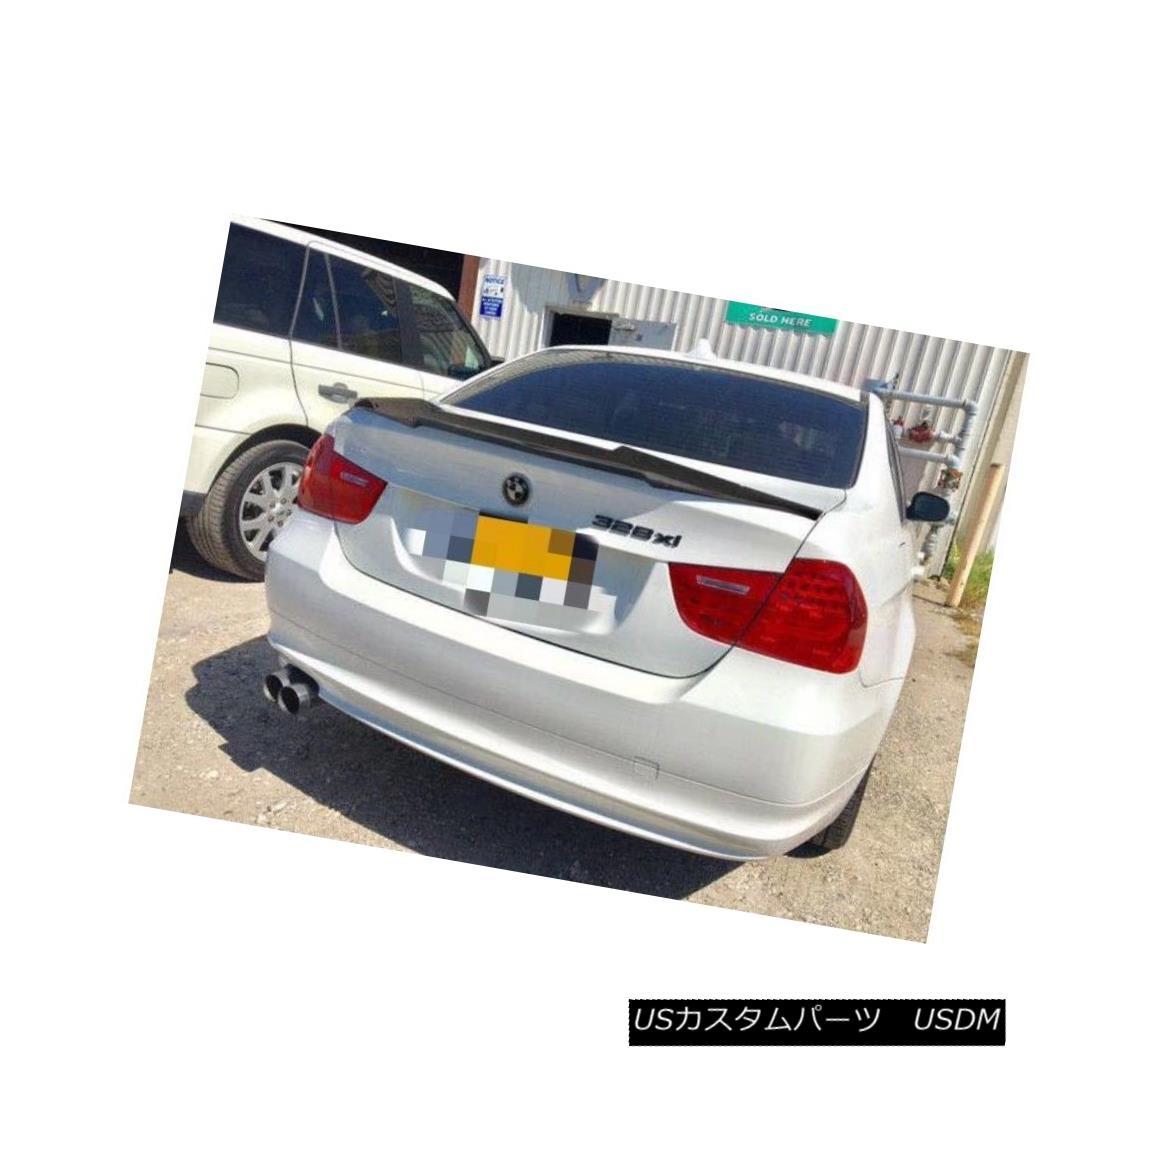 エアロパーツ M4 Look Carbon Fiber Rear Trunk Spoiler Wing For 2006-11 Sedan BMW E90 3-Series M4ルックカーボンファイバーリアトランク・スポイラー・ウィング2006-11セダンBMW E90 3シリーズ